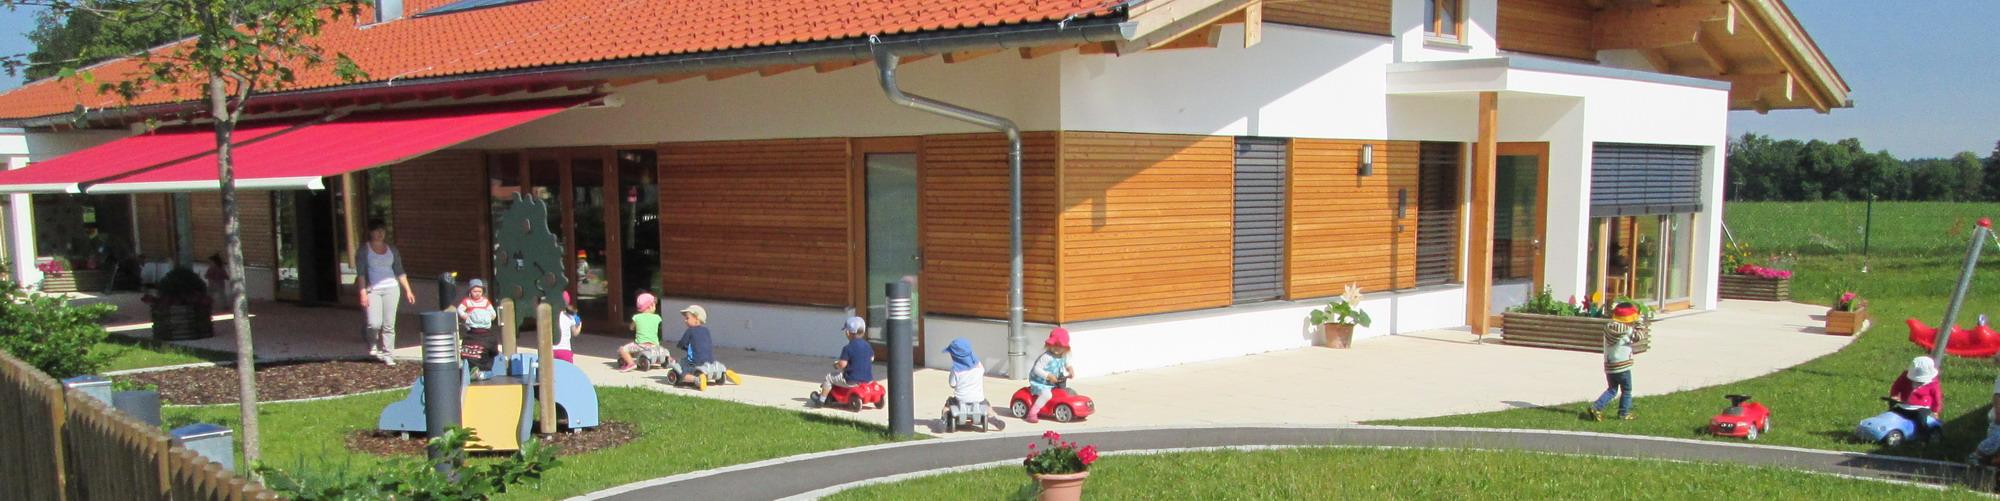 Kinderhort Zwergenburg